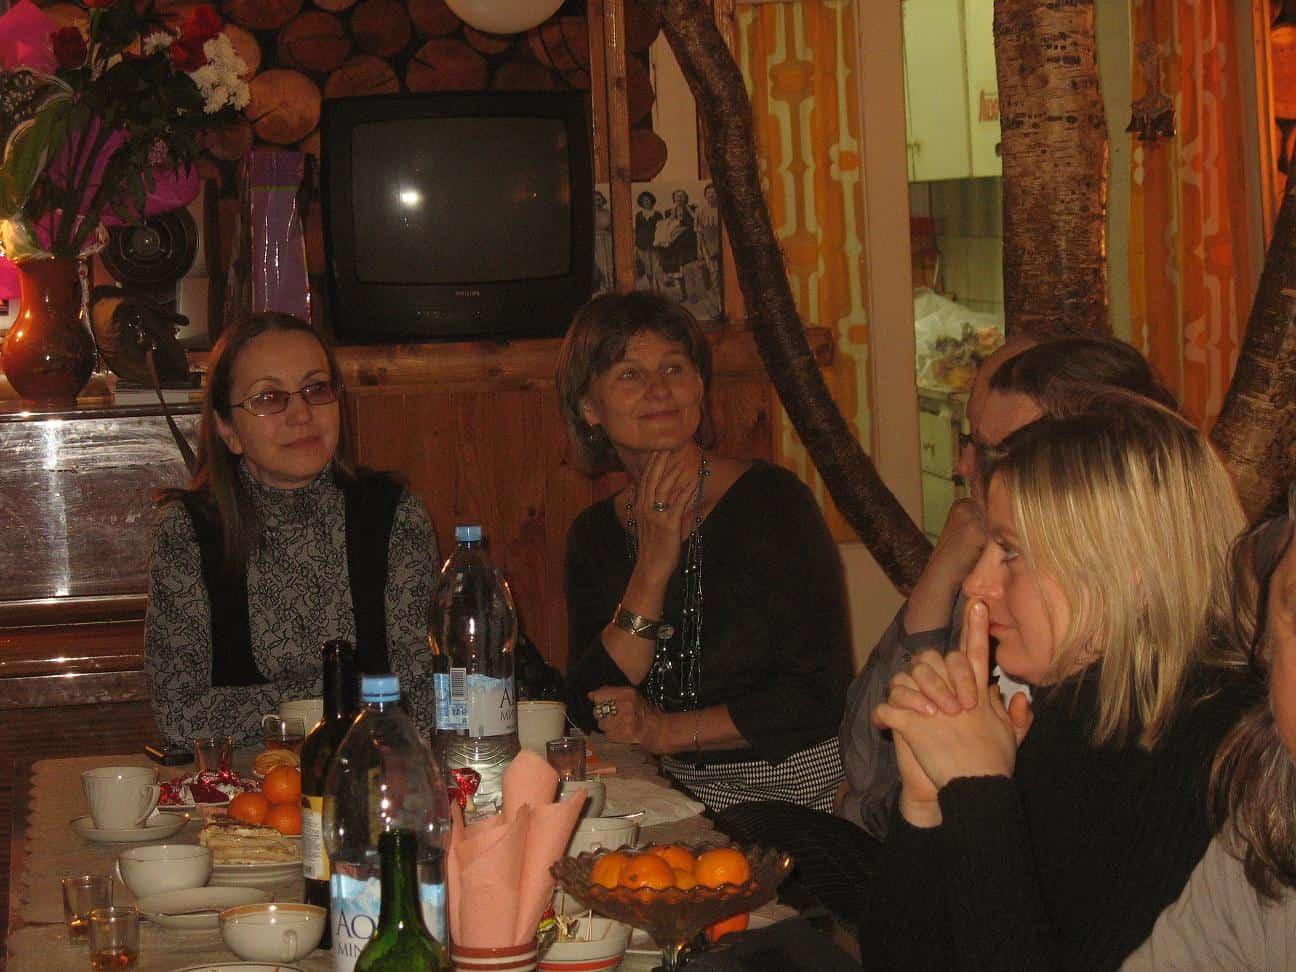 Наталья Мешкова, Ирина Ларионова и Елена Софиенко